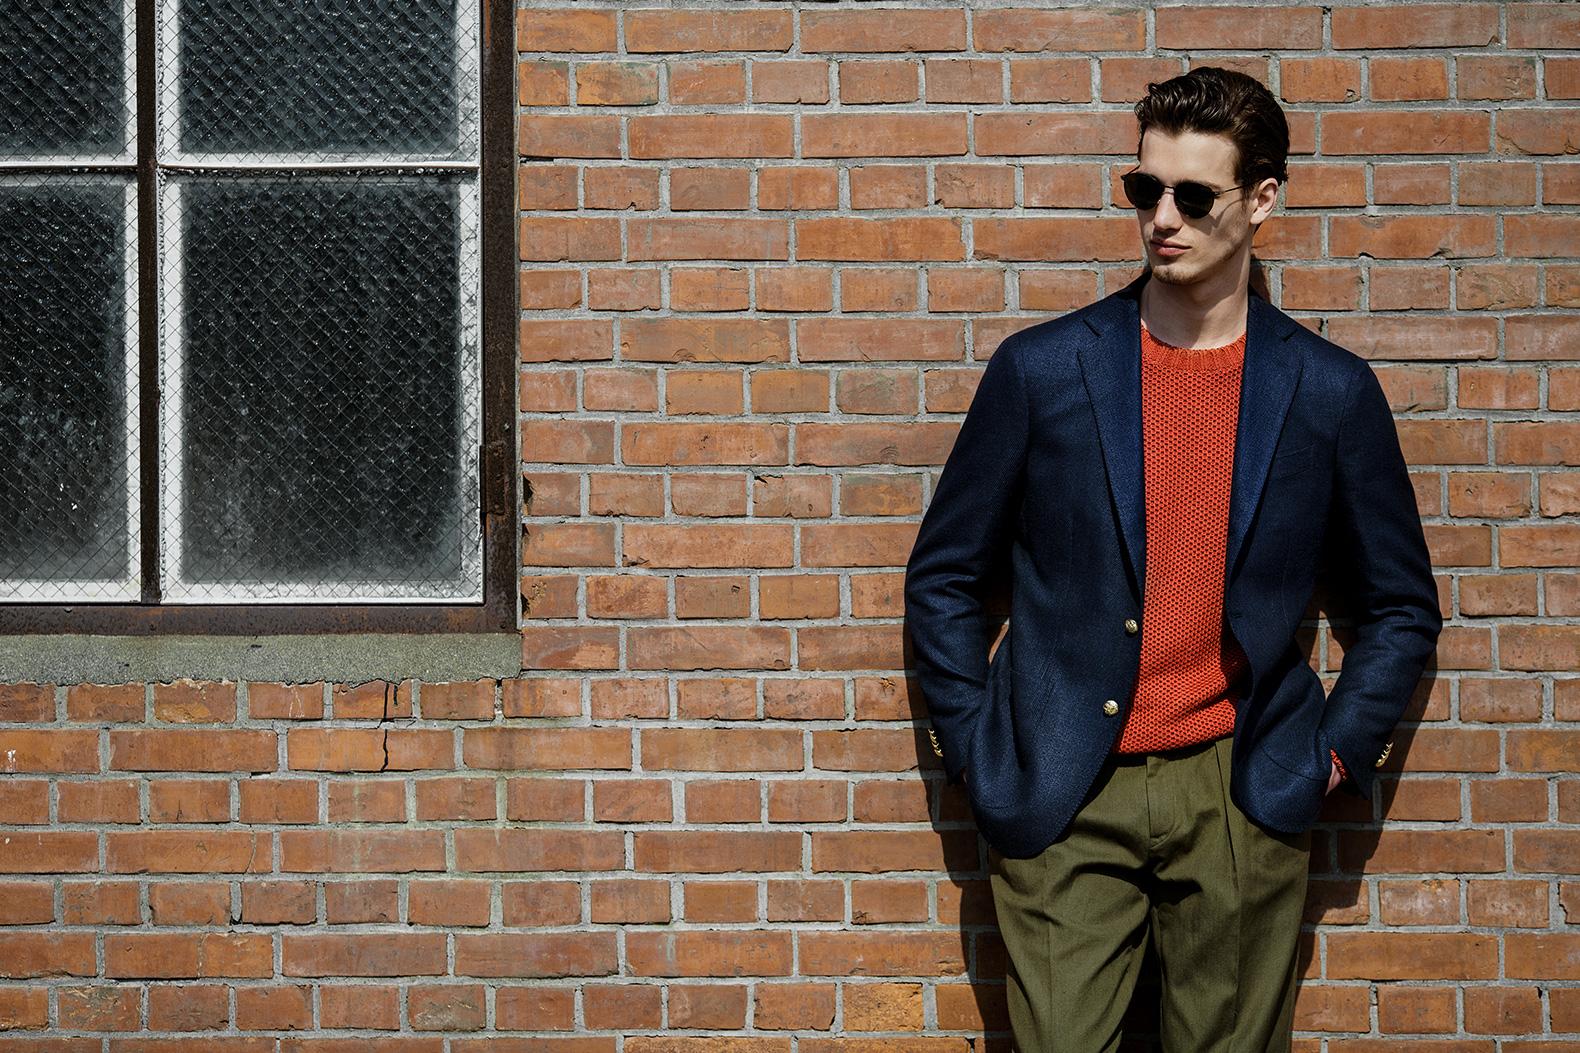 今春は、仕事も遊びも脱ストリート 大人カジュアルを制するなら ナポリブランドのジャケットを狙え!